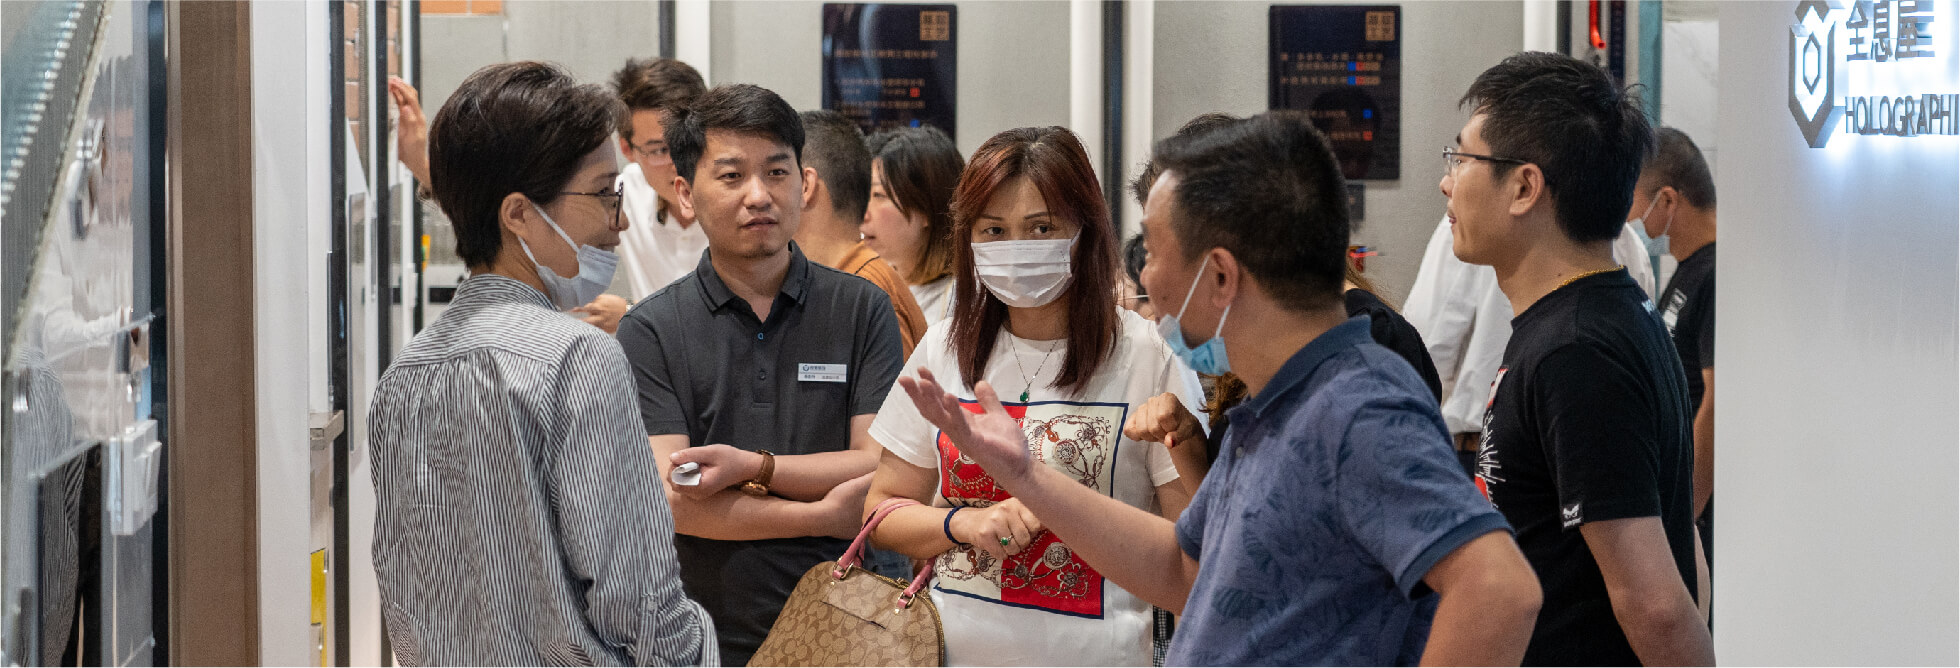 上海家博会现场示图9